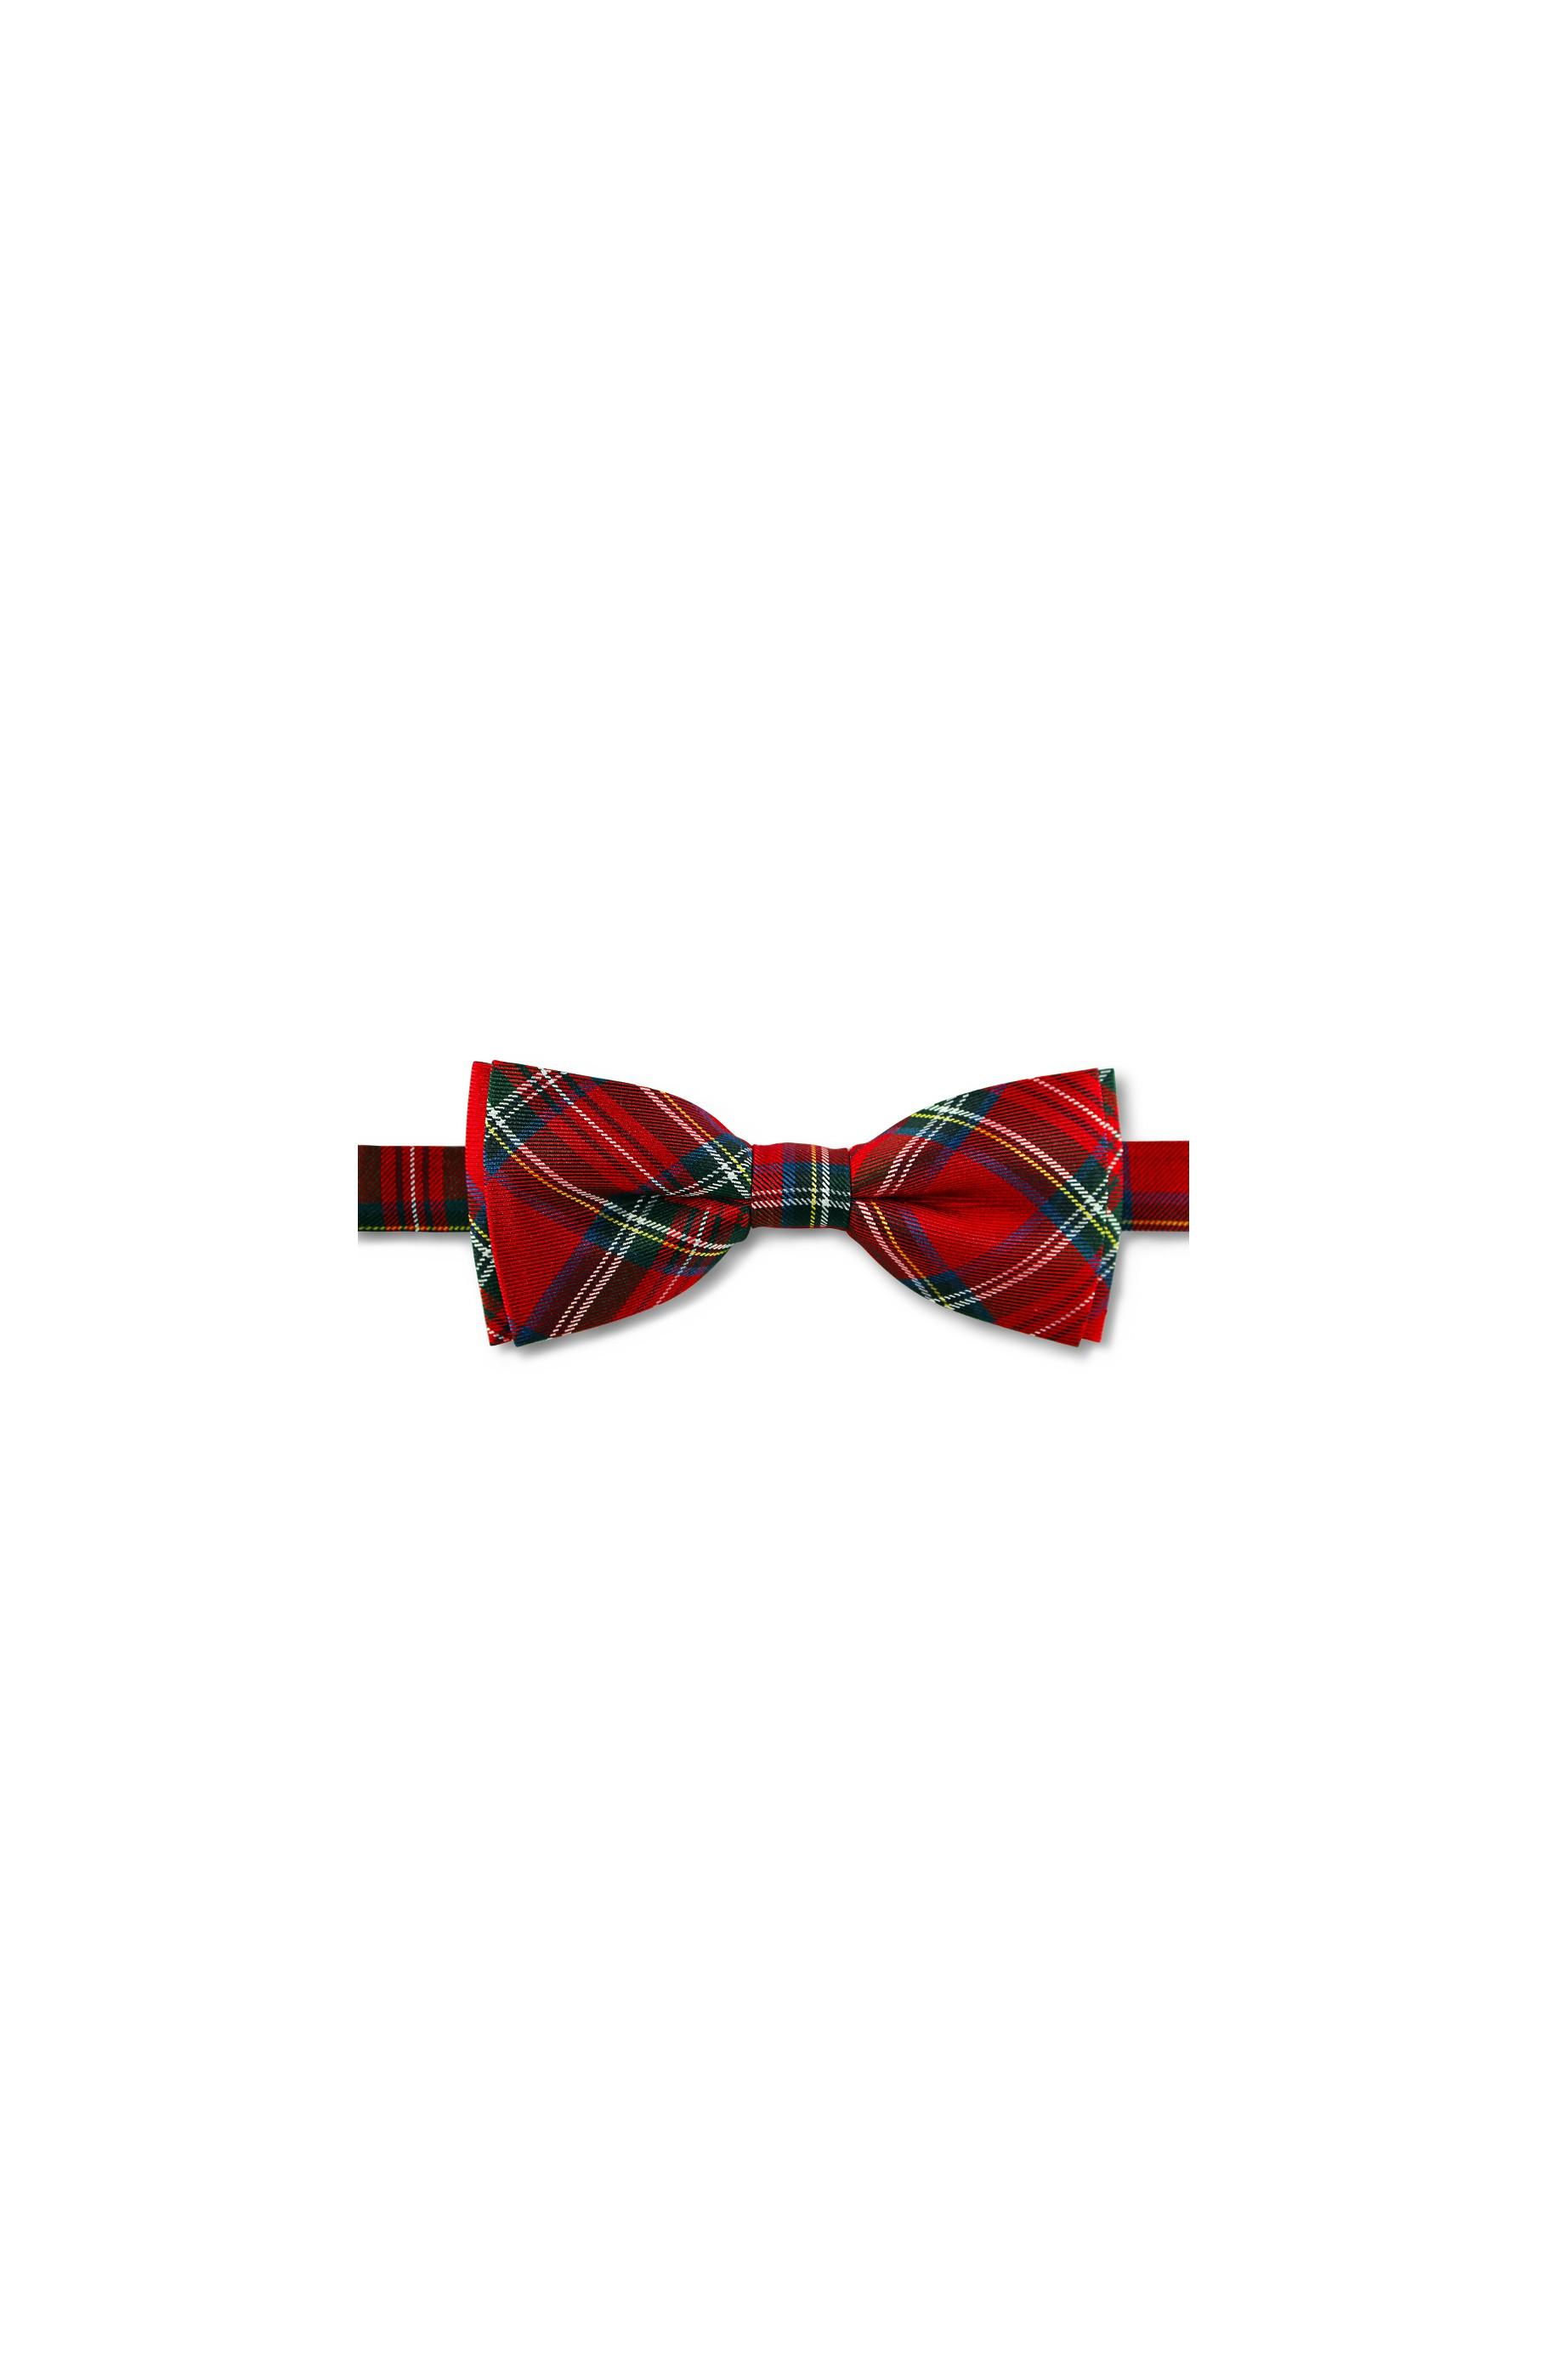 Majesté Couture Paris: Red esossais silk bow tie | Accessories -  Hiphunters Shop